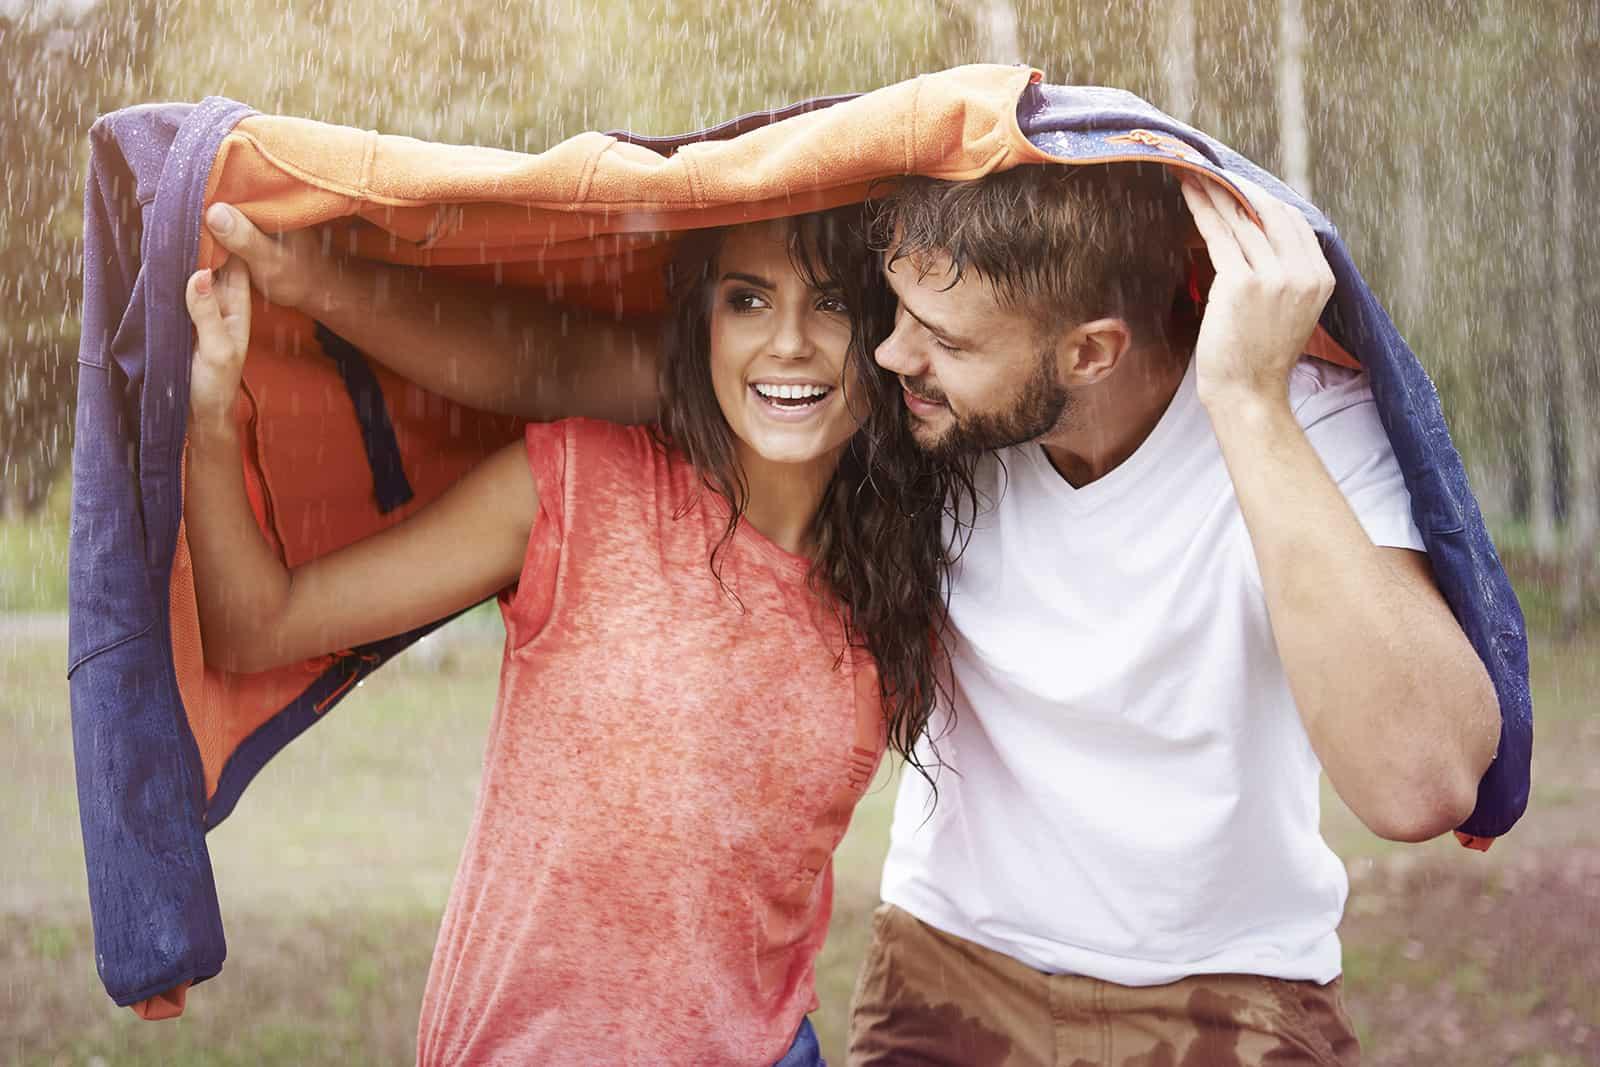 un homme protégeant une femme de la pluie avec sa veste et la regardant